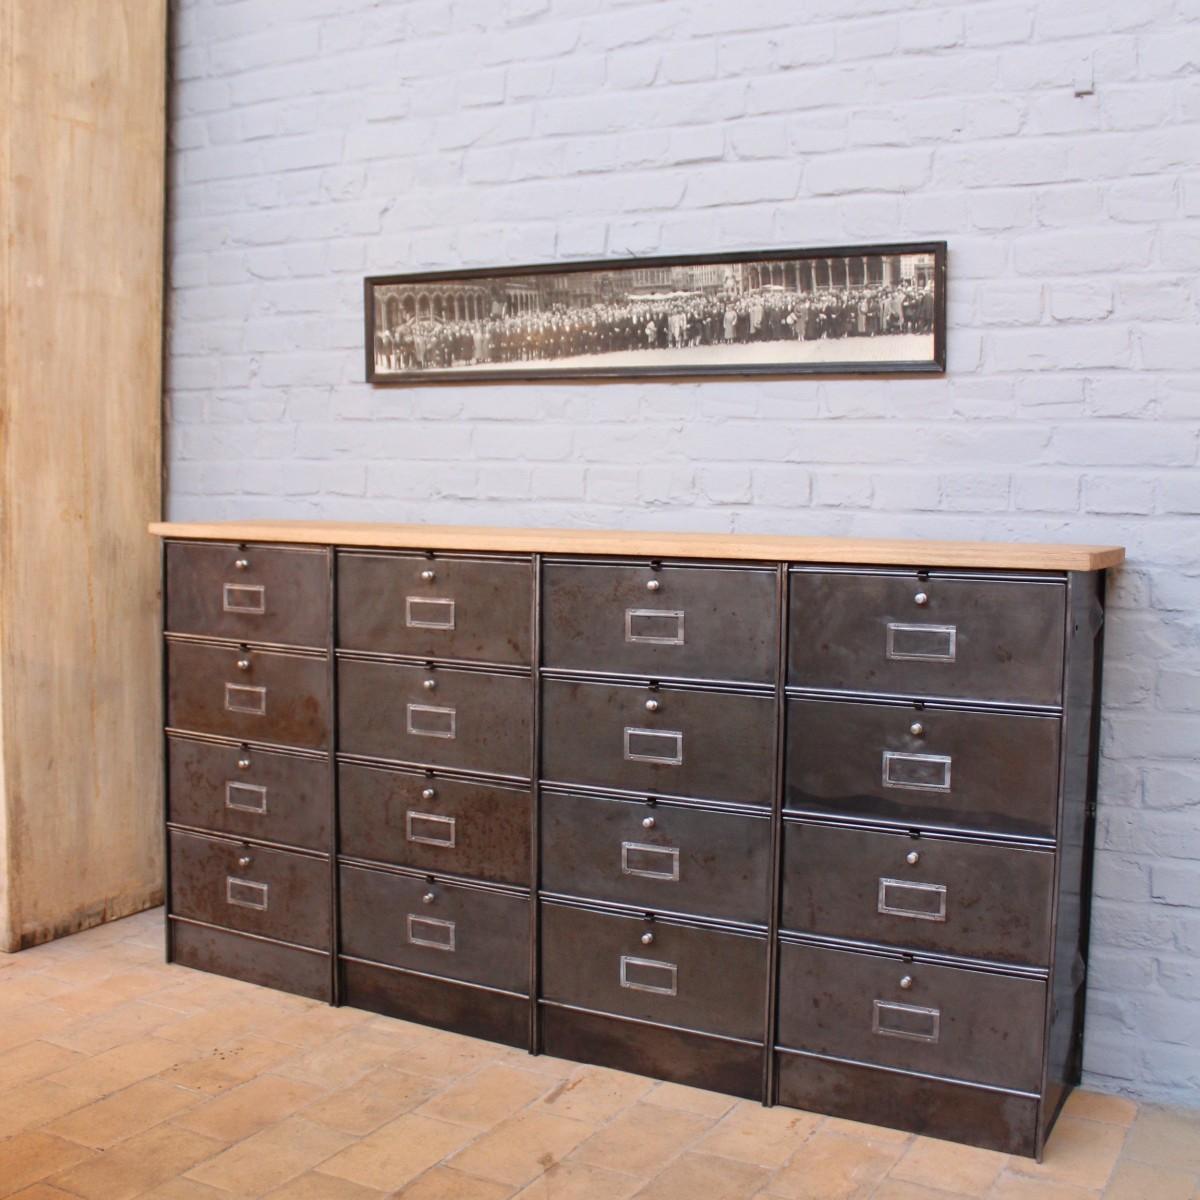 ancien meuble industriel clapets. Black Bedroom Furniture Sets. Home Design Ideas